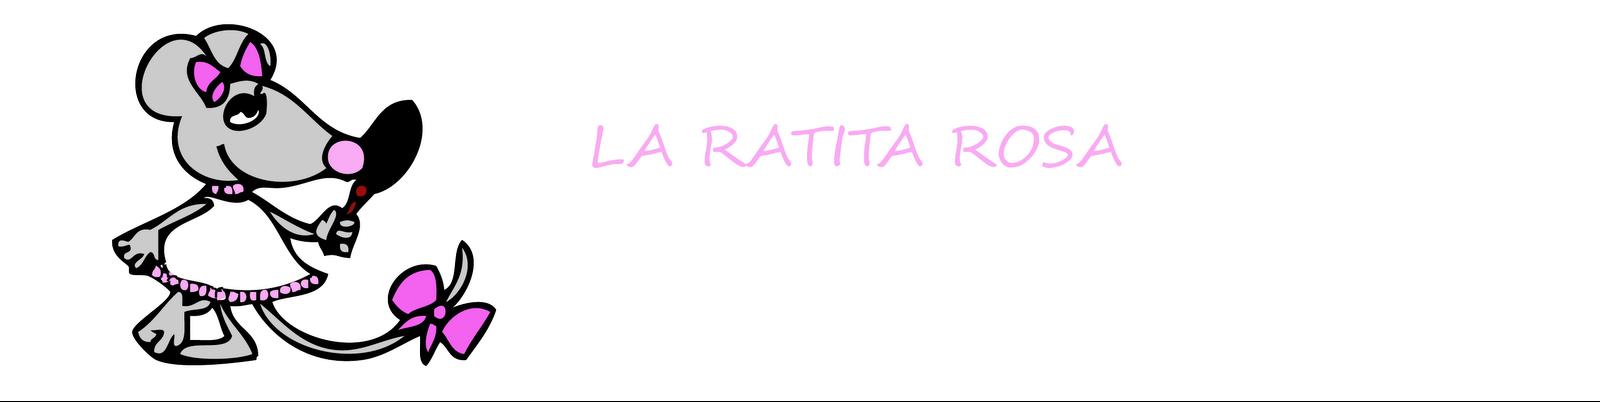 La ratita rosa